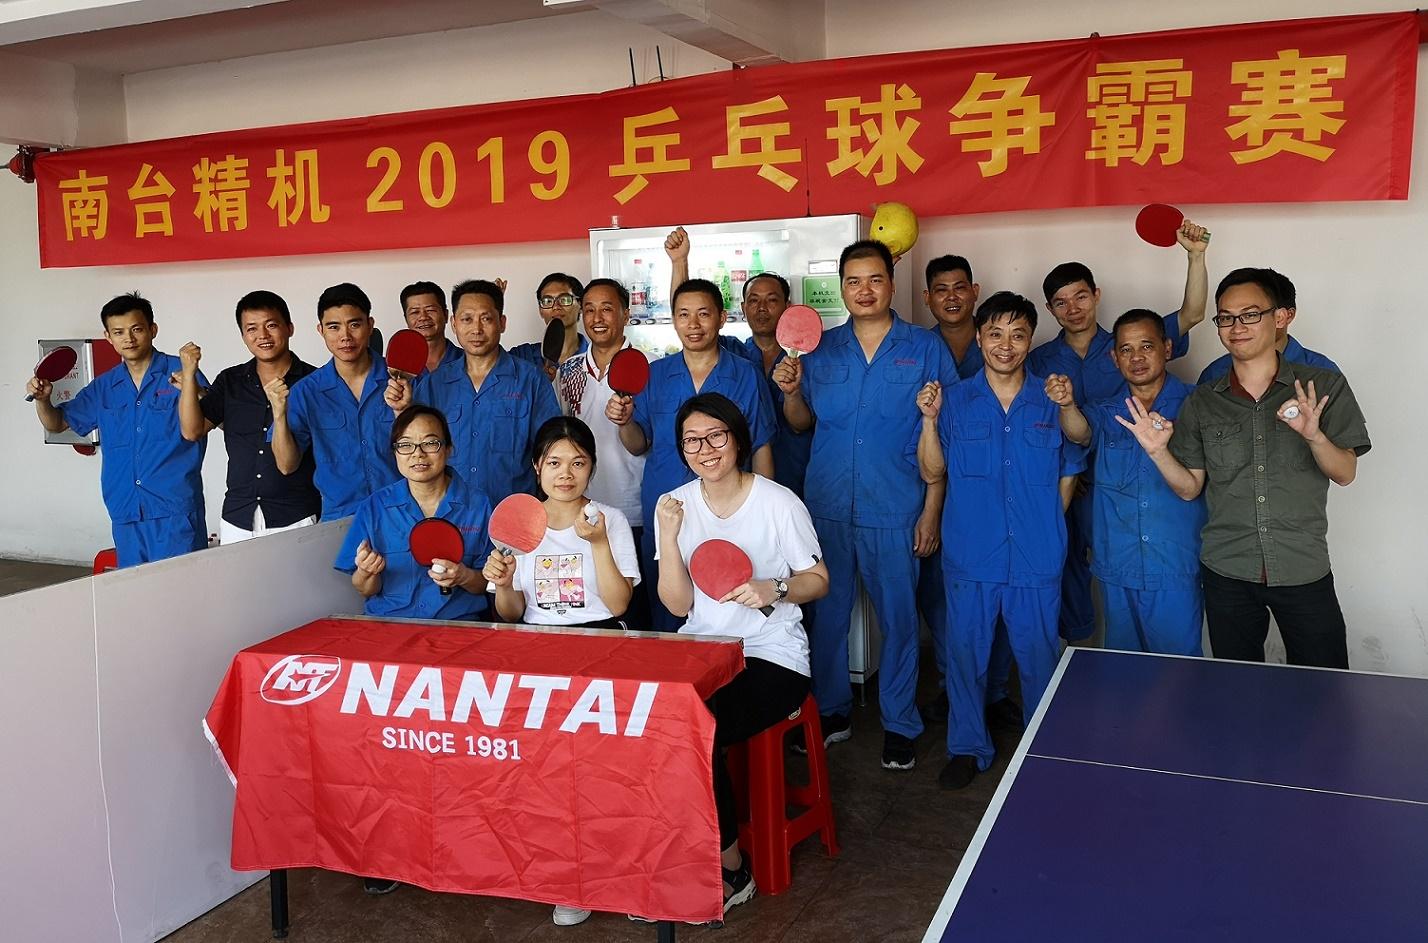 南臺2019乒乓球爭霸賽